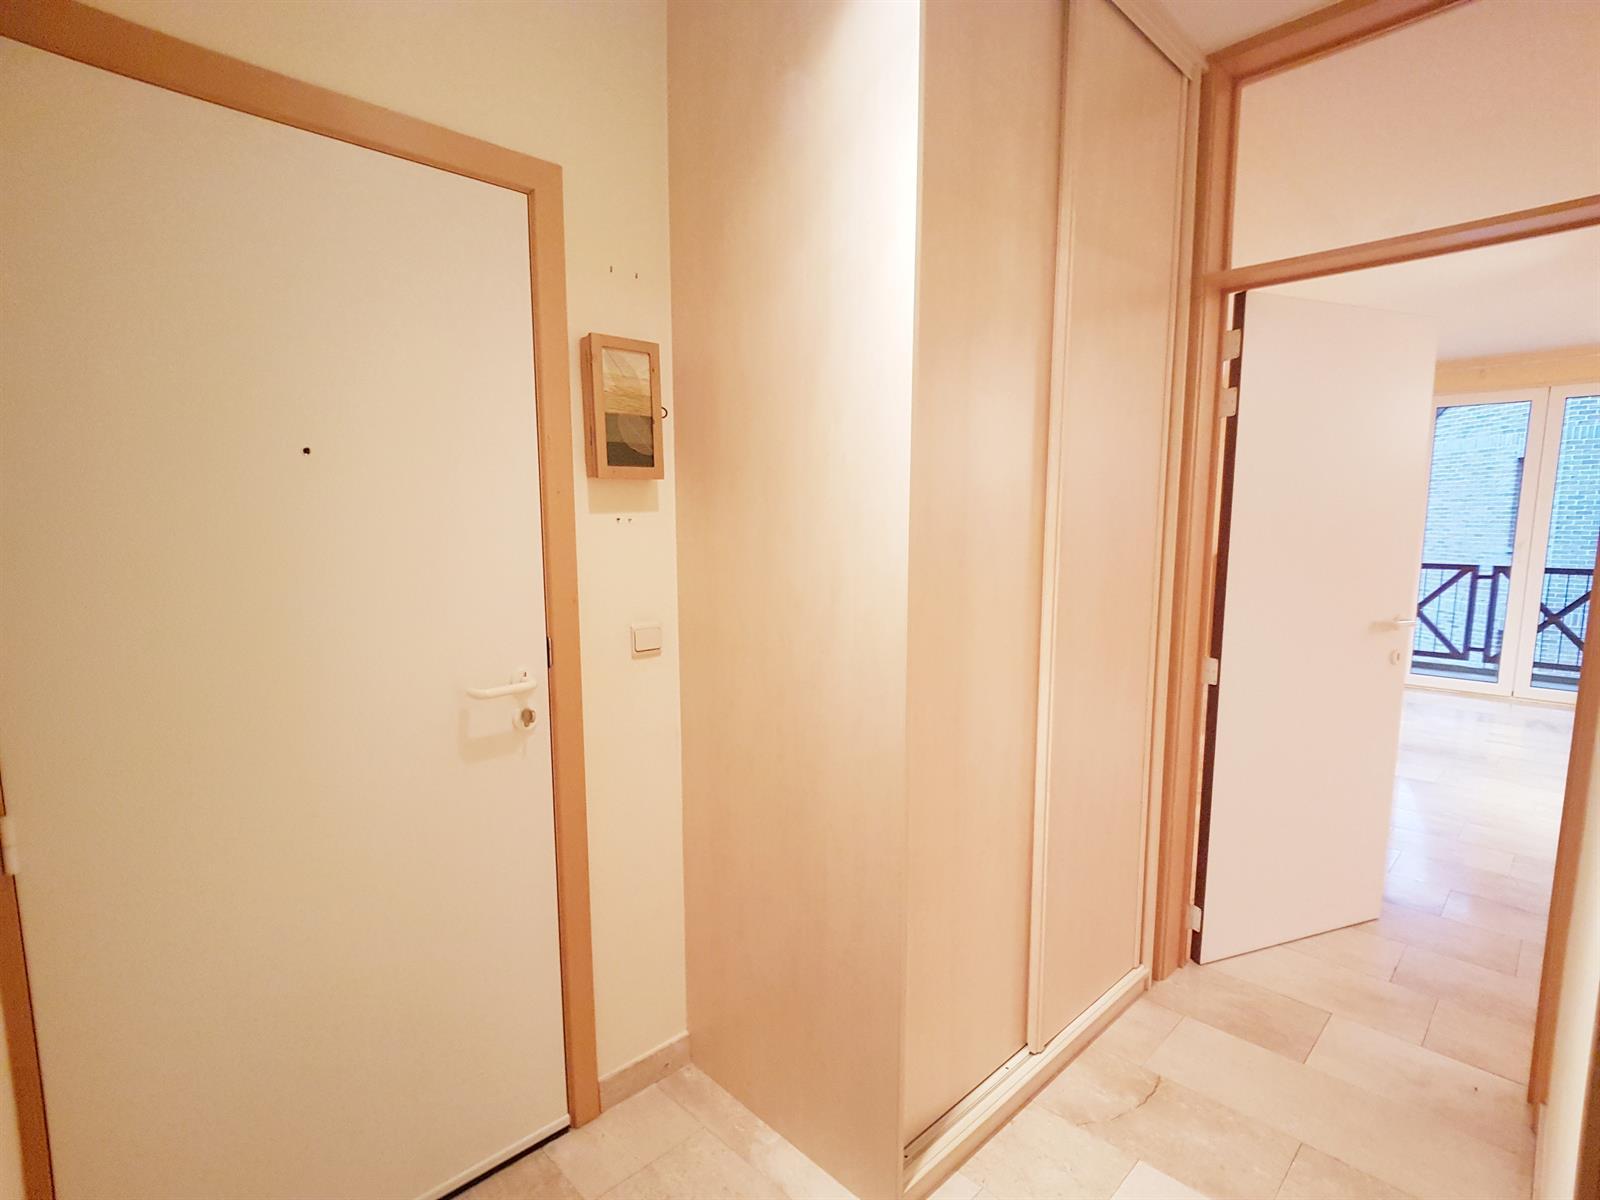 Appartement - Ottignies-Louvain-la-Neuve - #4254648-16